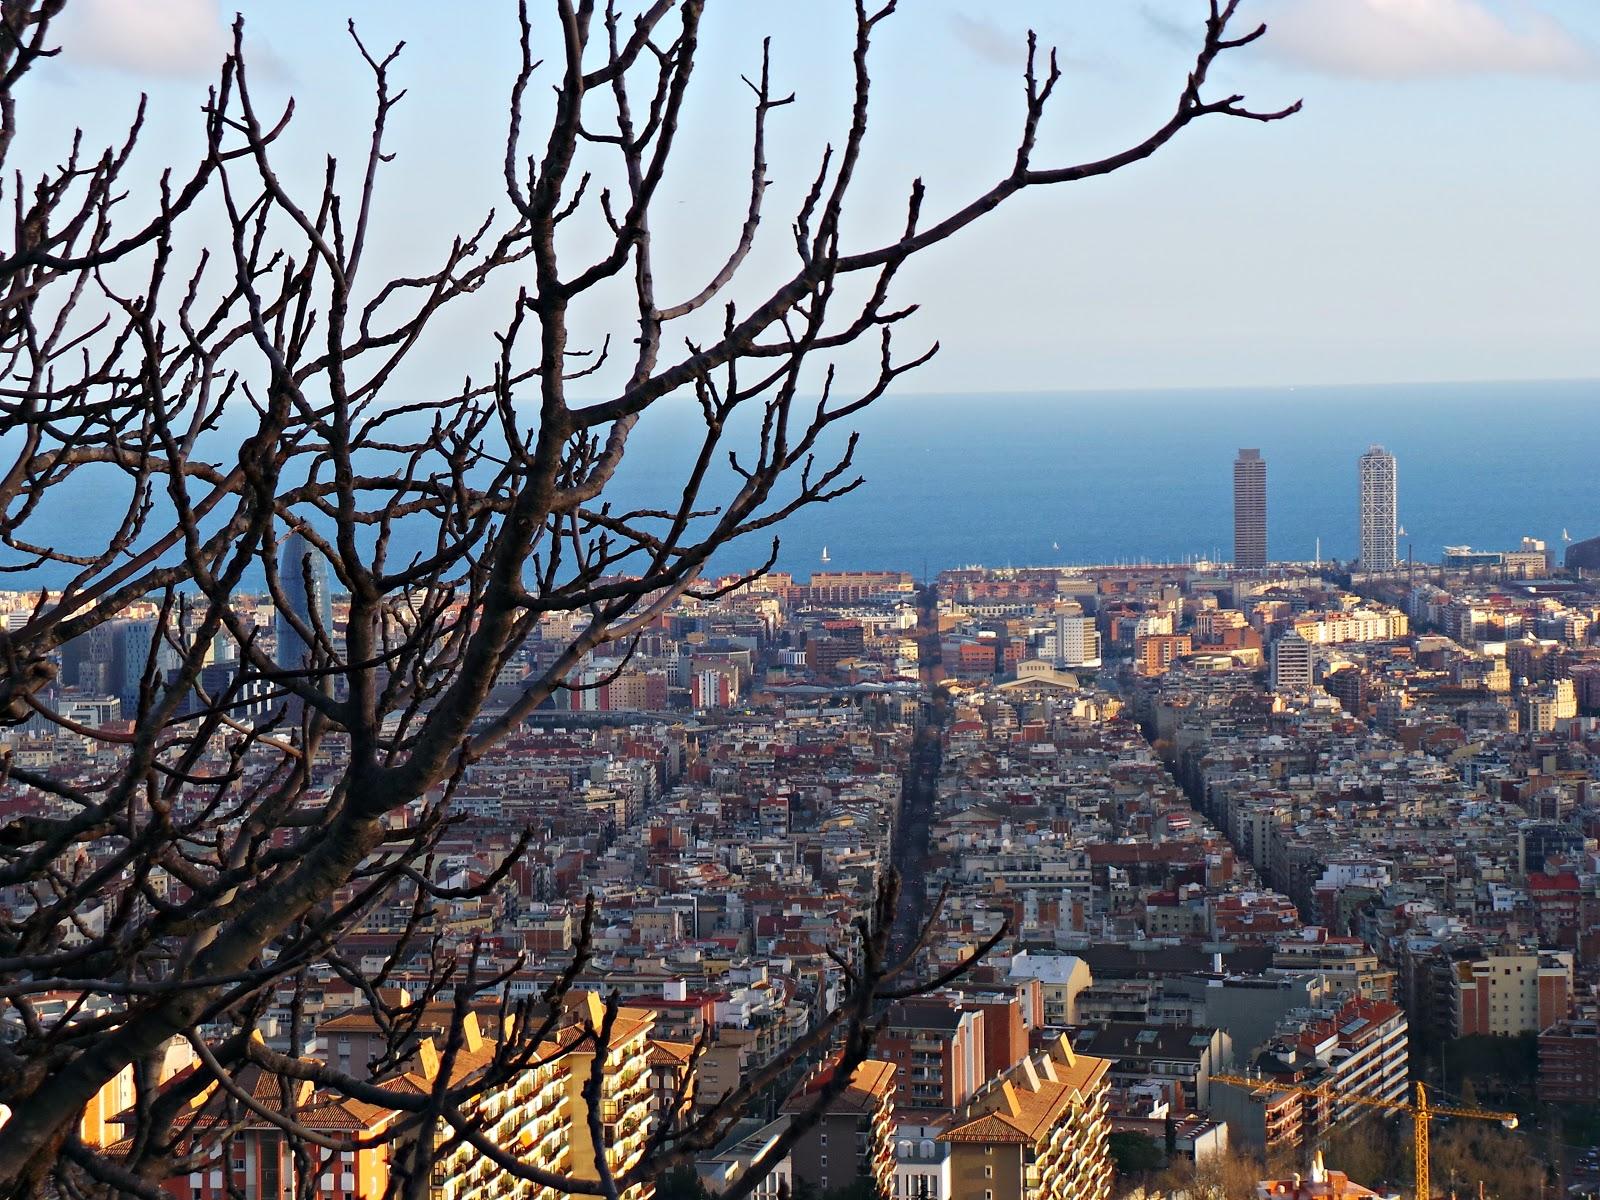 Vistes_a_Barcelona_des_del_Turó_de_la_Rovira